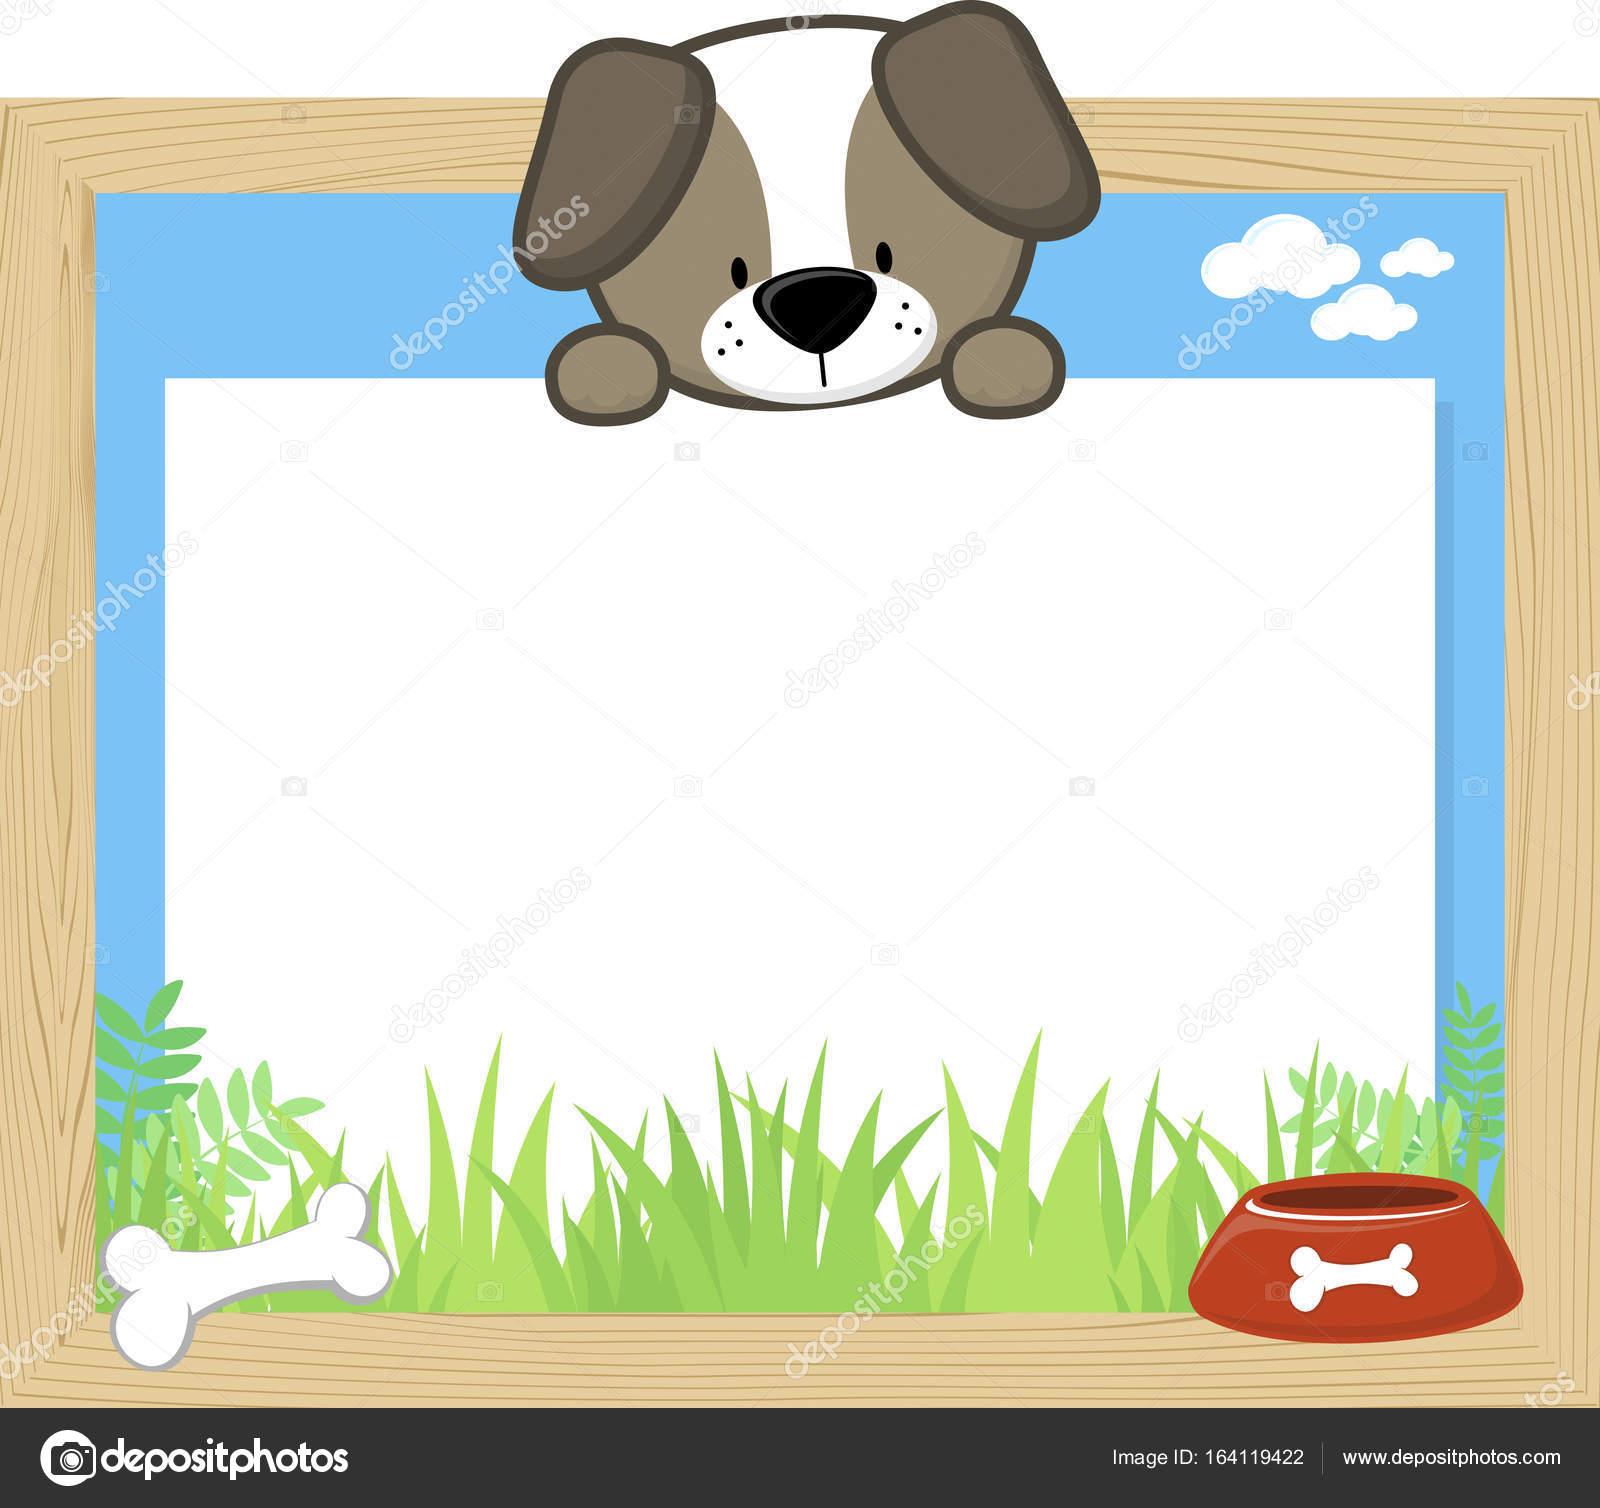 marco de madera con Lindo perrito — Archivo Imágenes Vectoriales ...